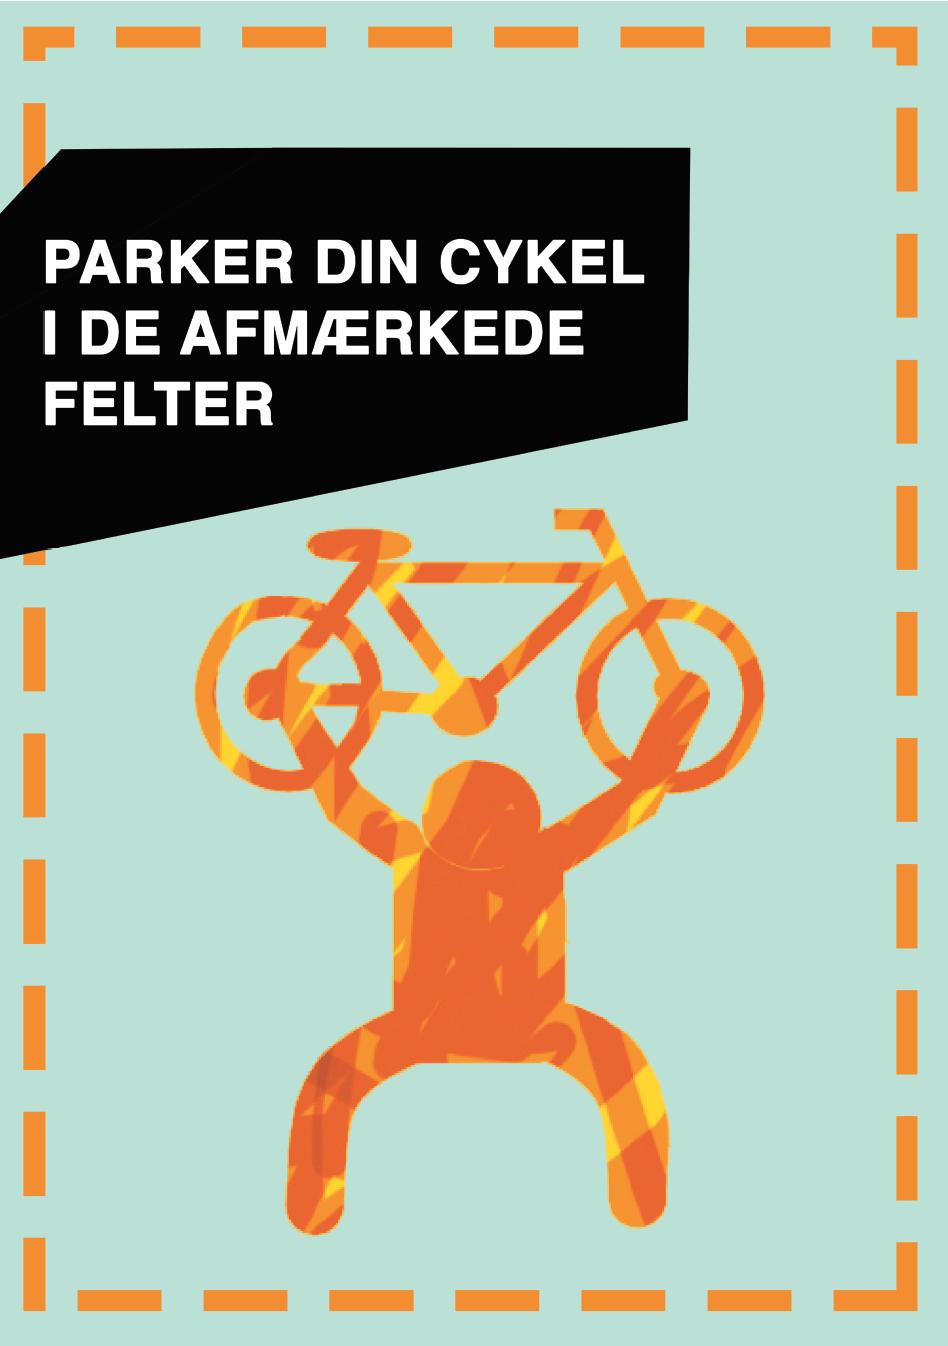 cykelfoto1